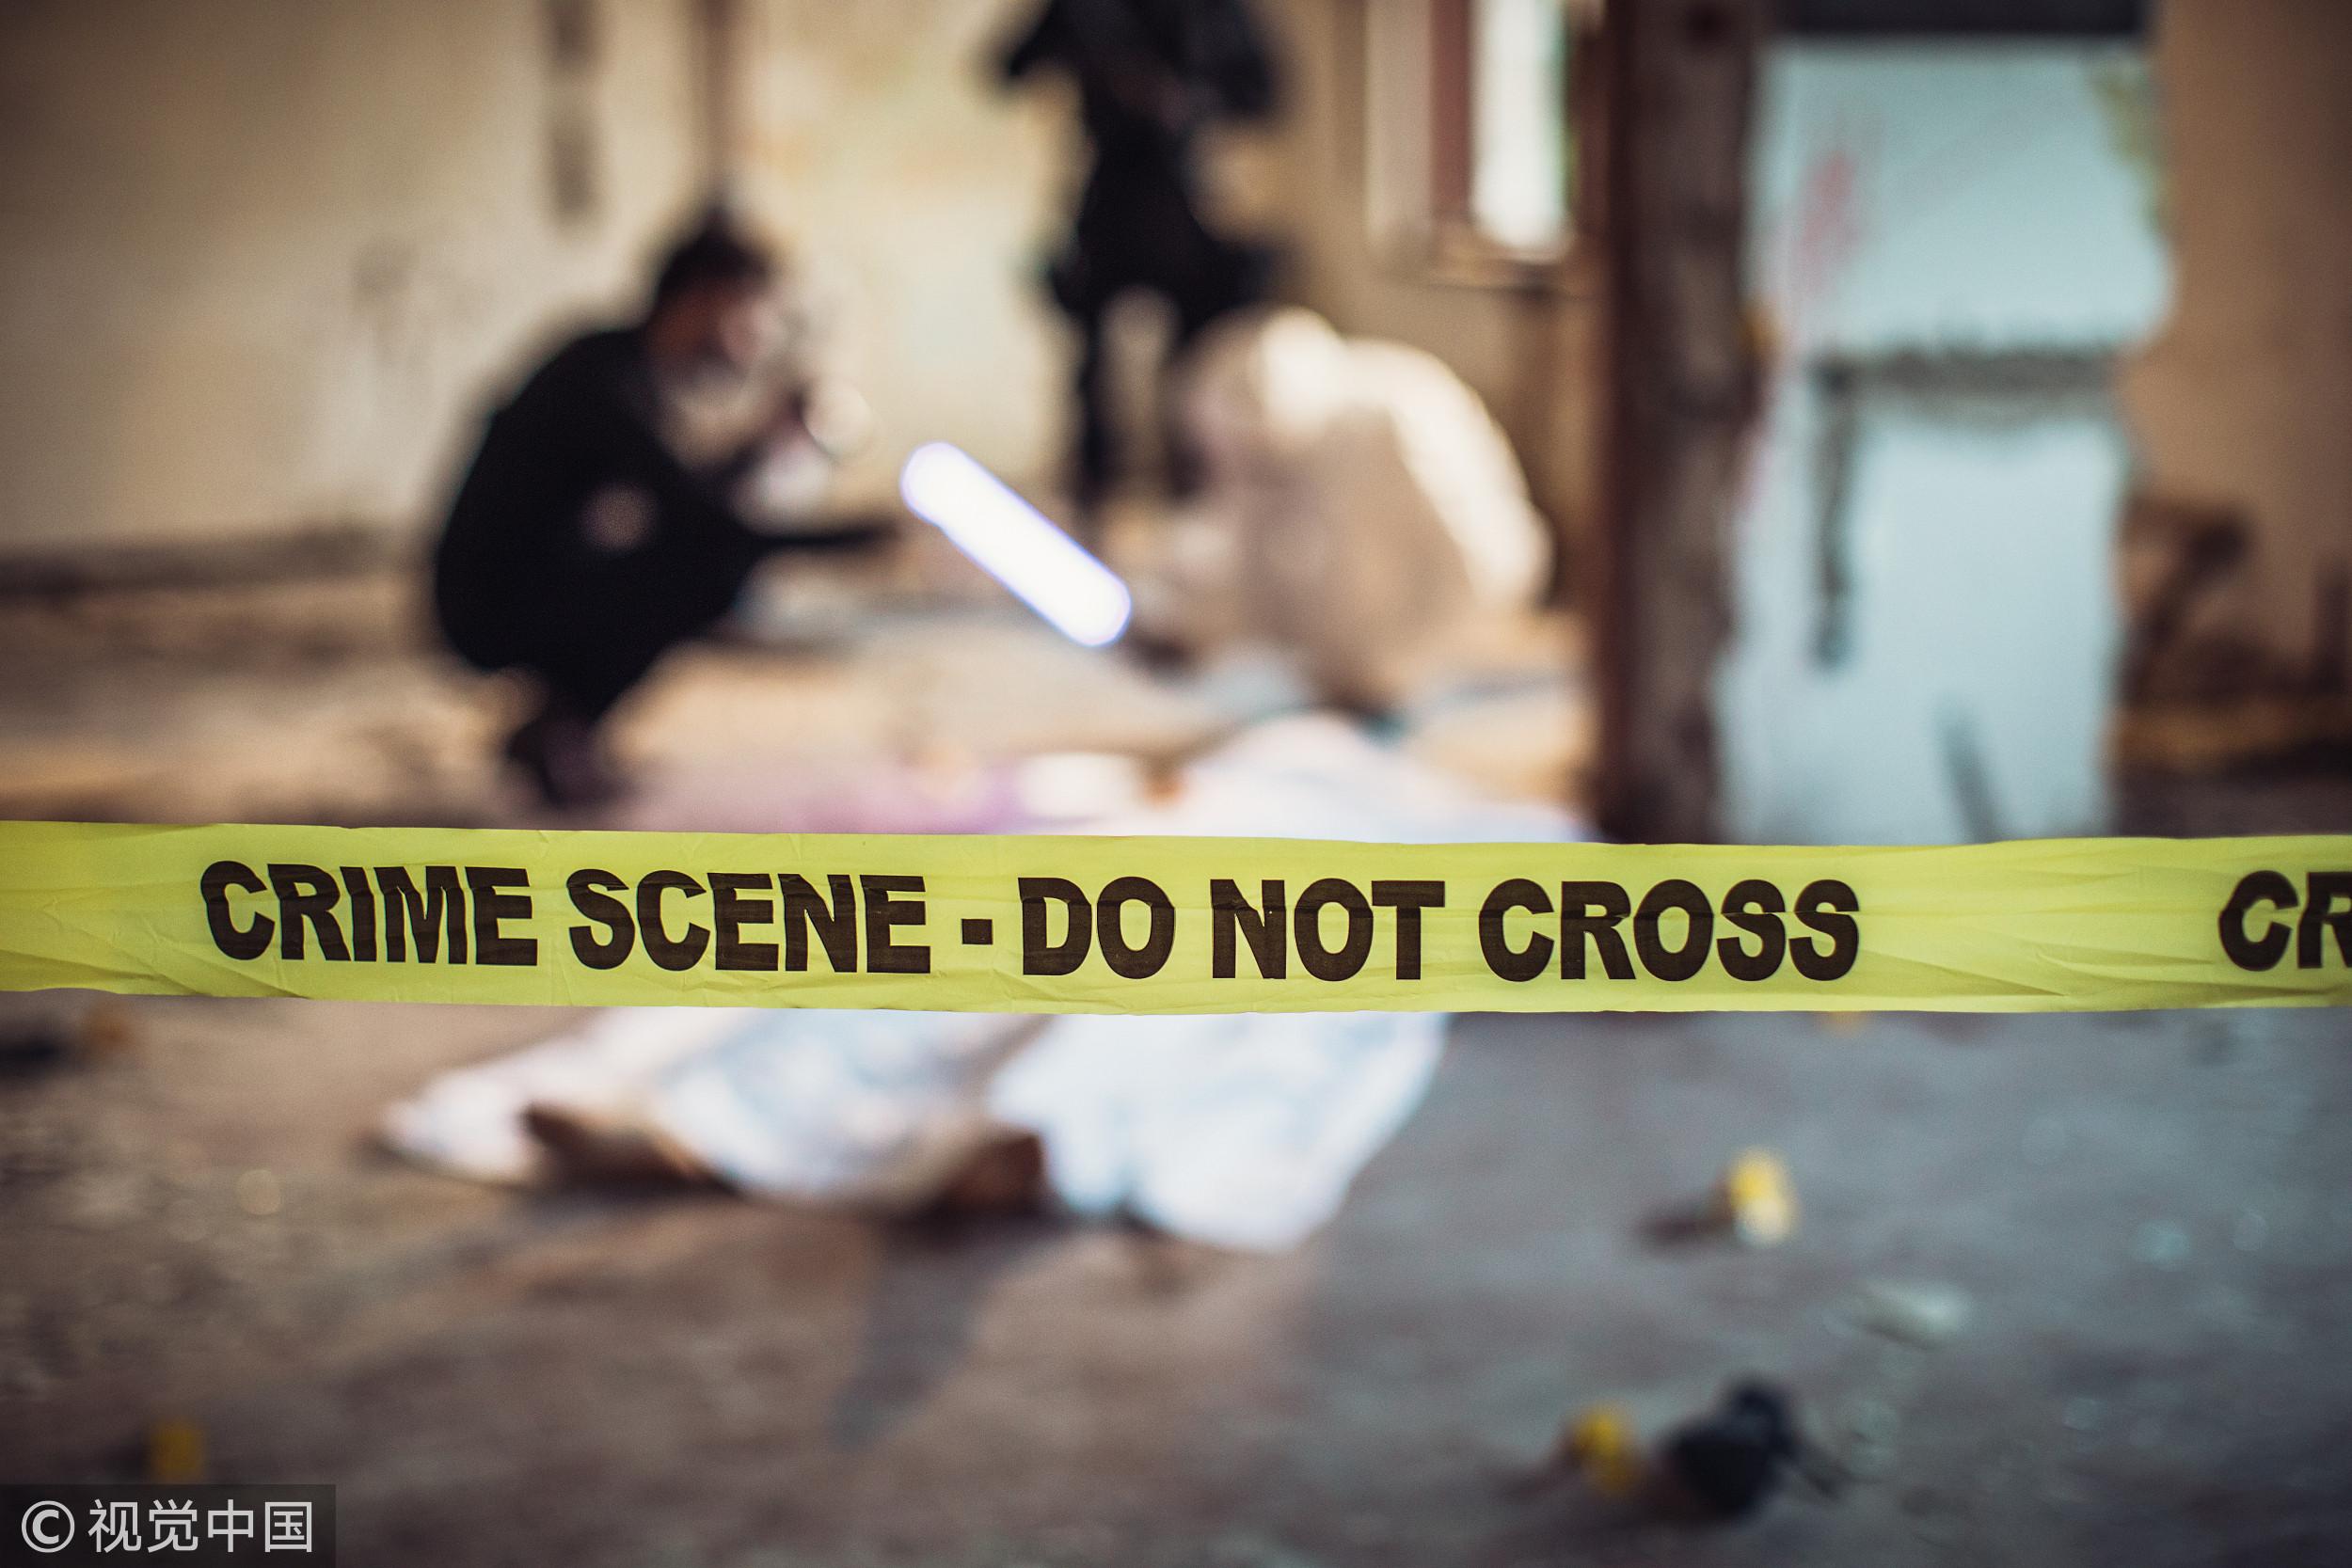 ▲命案,他殺,殺人,調查,屍體,血腥。(圖/CFP,示意圖,與本文當事人無關)